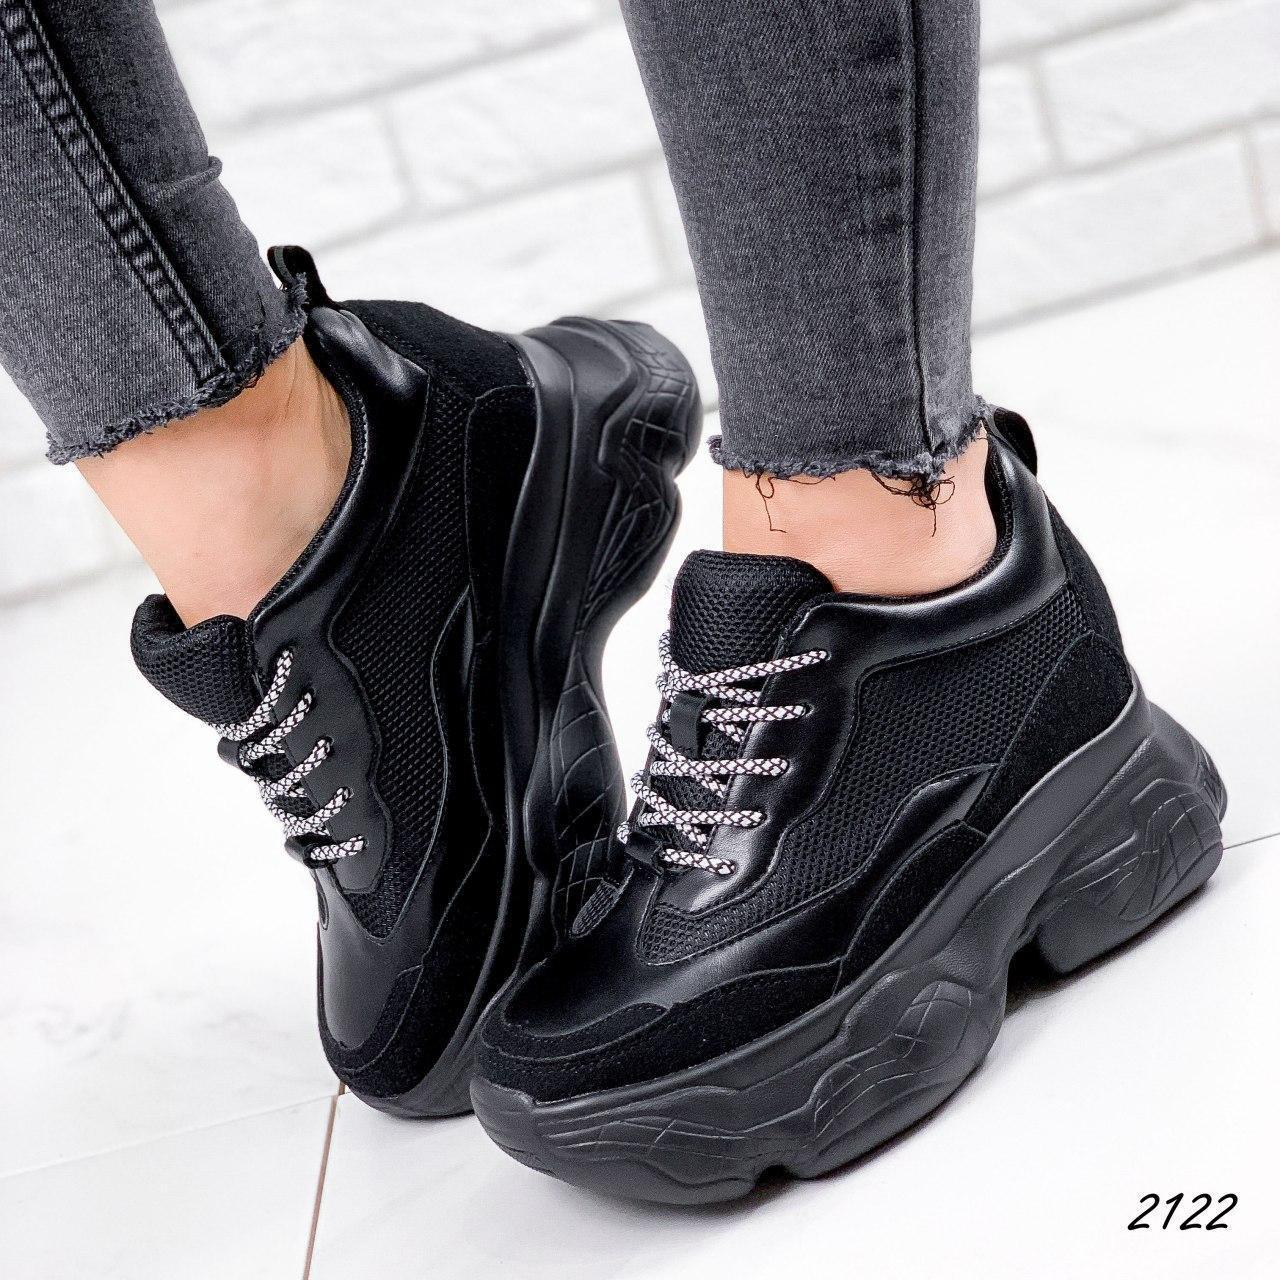 Кроссовки женские черные на платформе из эко кожи. Кросівки жіночі чорні на платформі